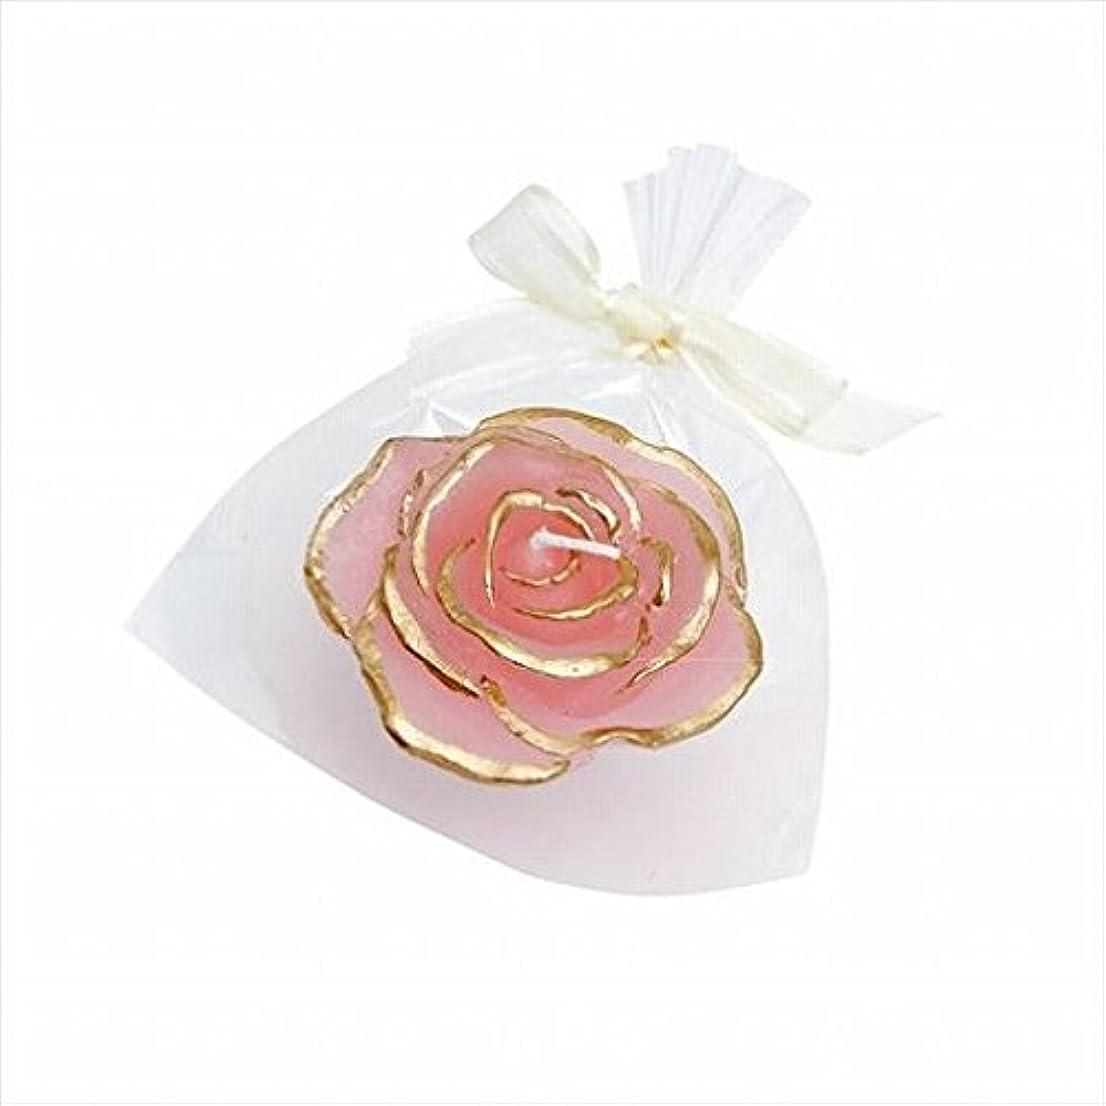 インターネット消去粒子kameyama candle(カメヤマキャンドル) プリンセスローズ 「 ピンク 」(A6390500PK)